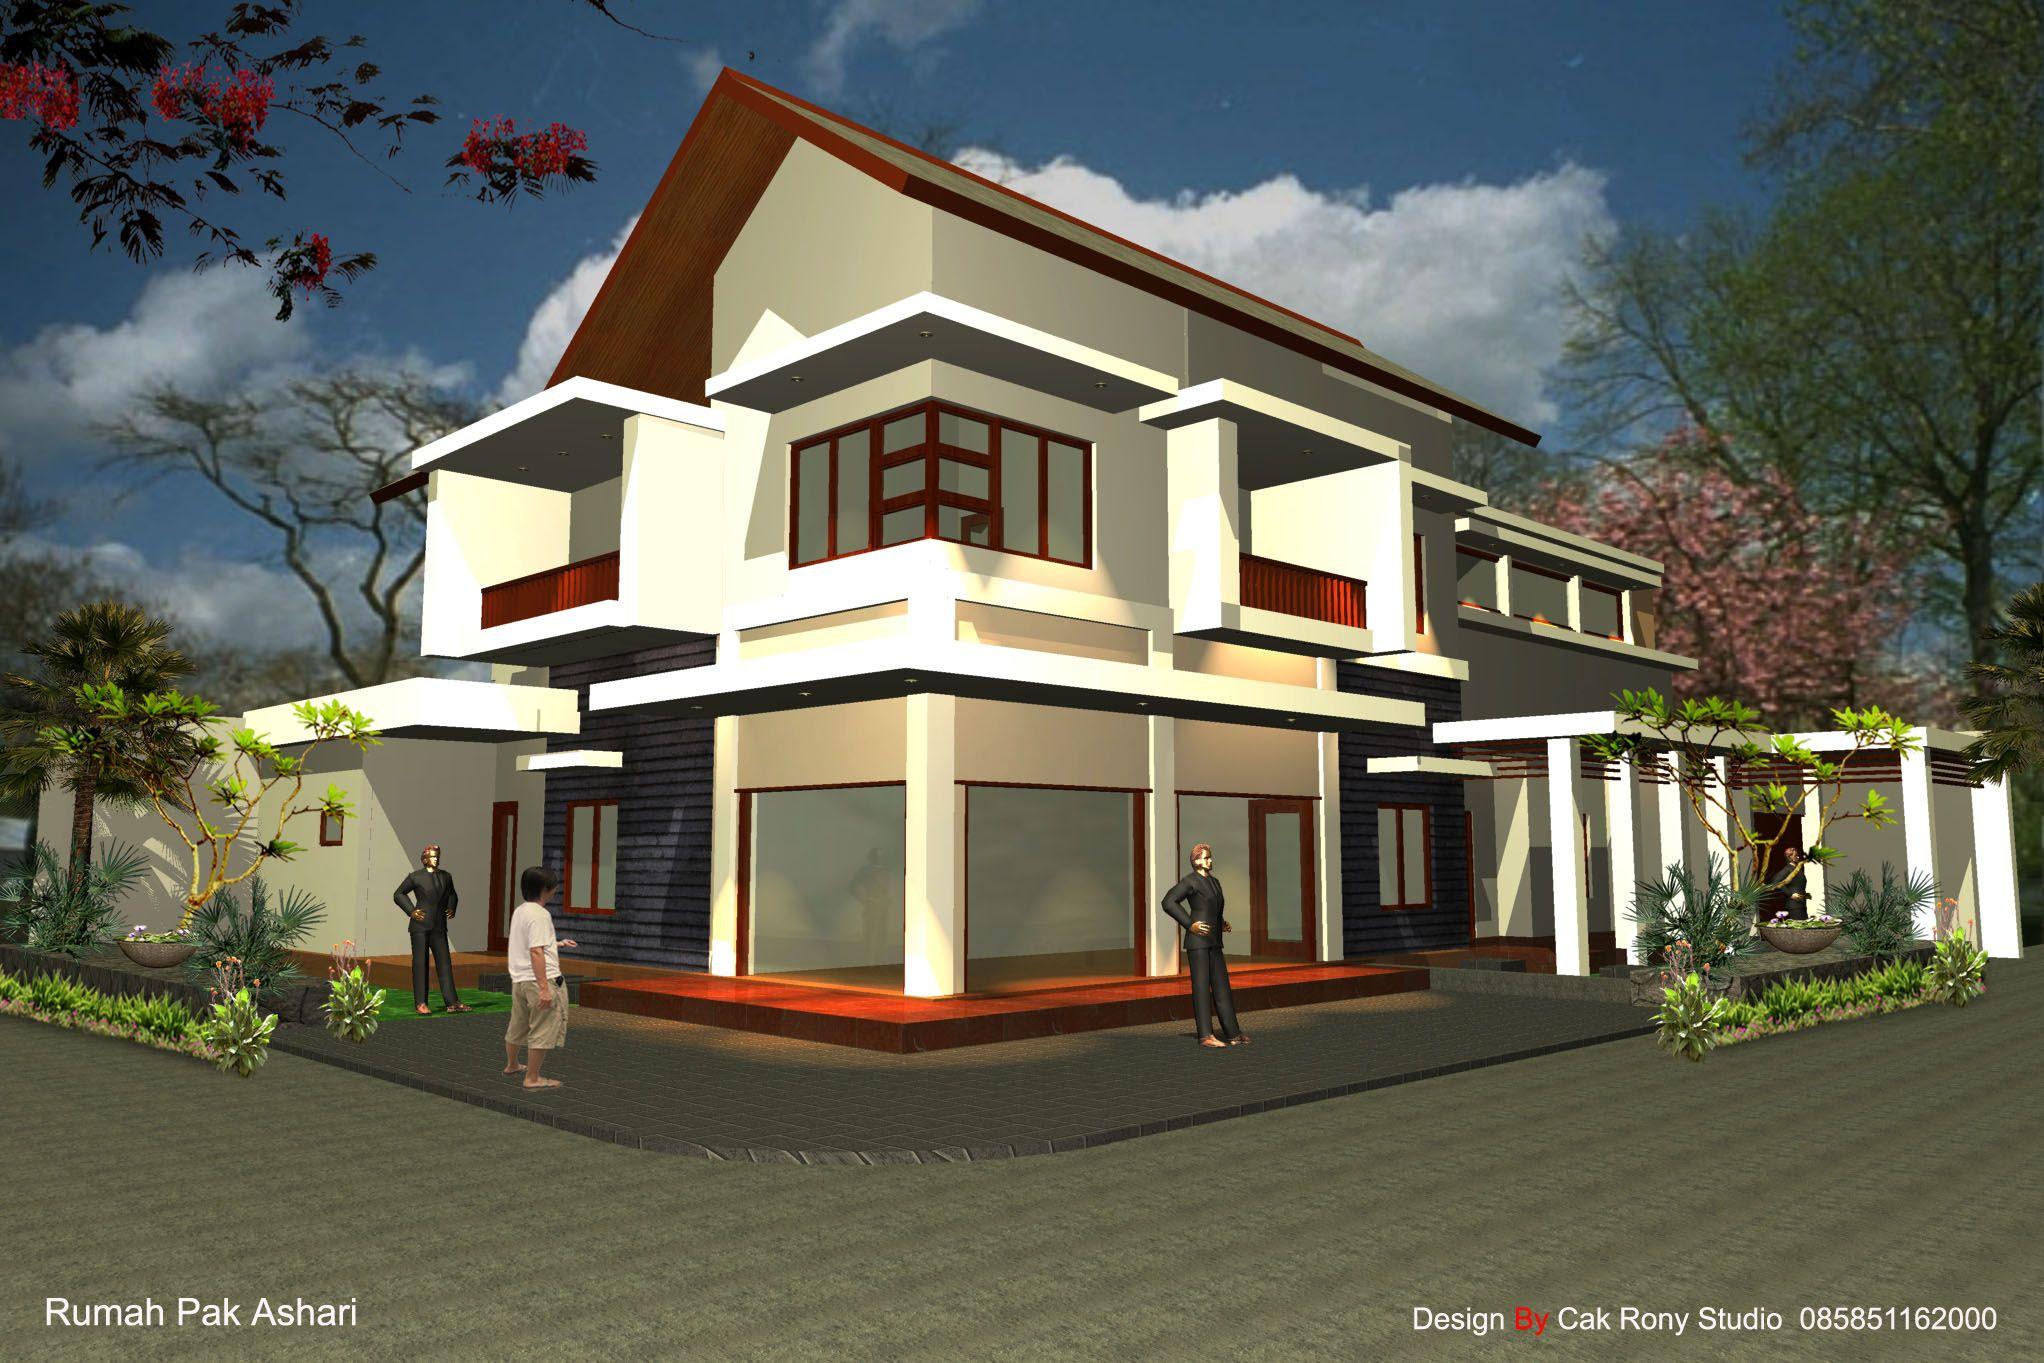 Awesome Home Design Interior And Exterior Free Download Modern House Design House Designs Exterior House Exterior